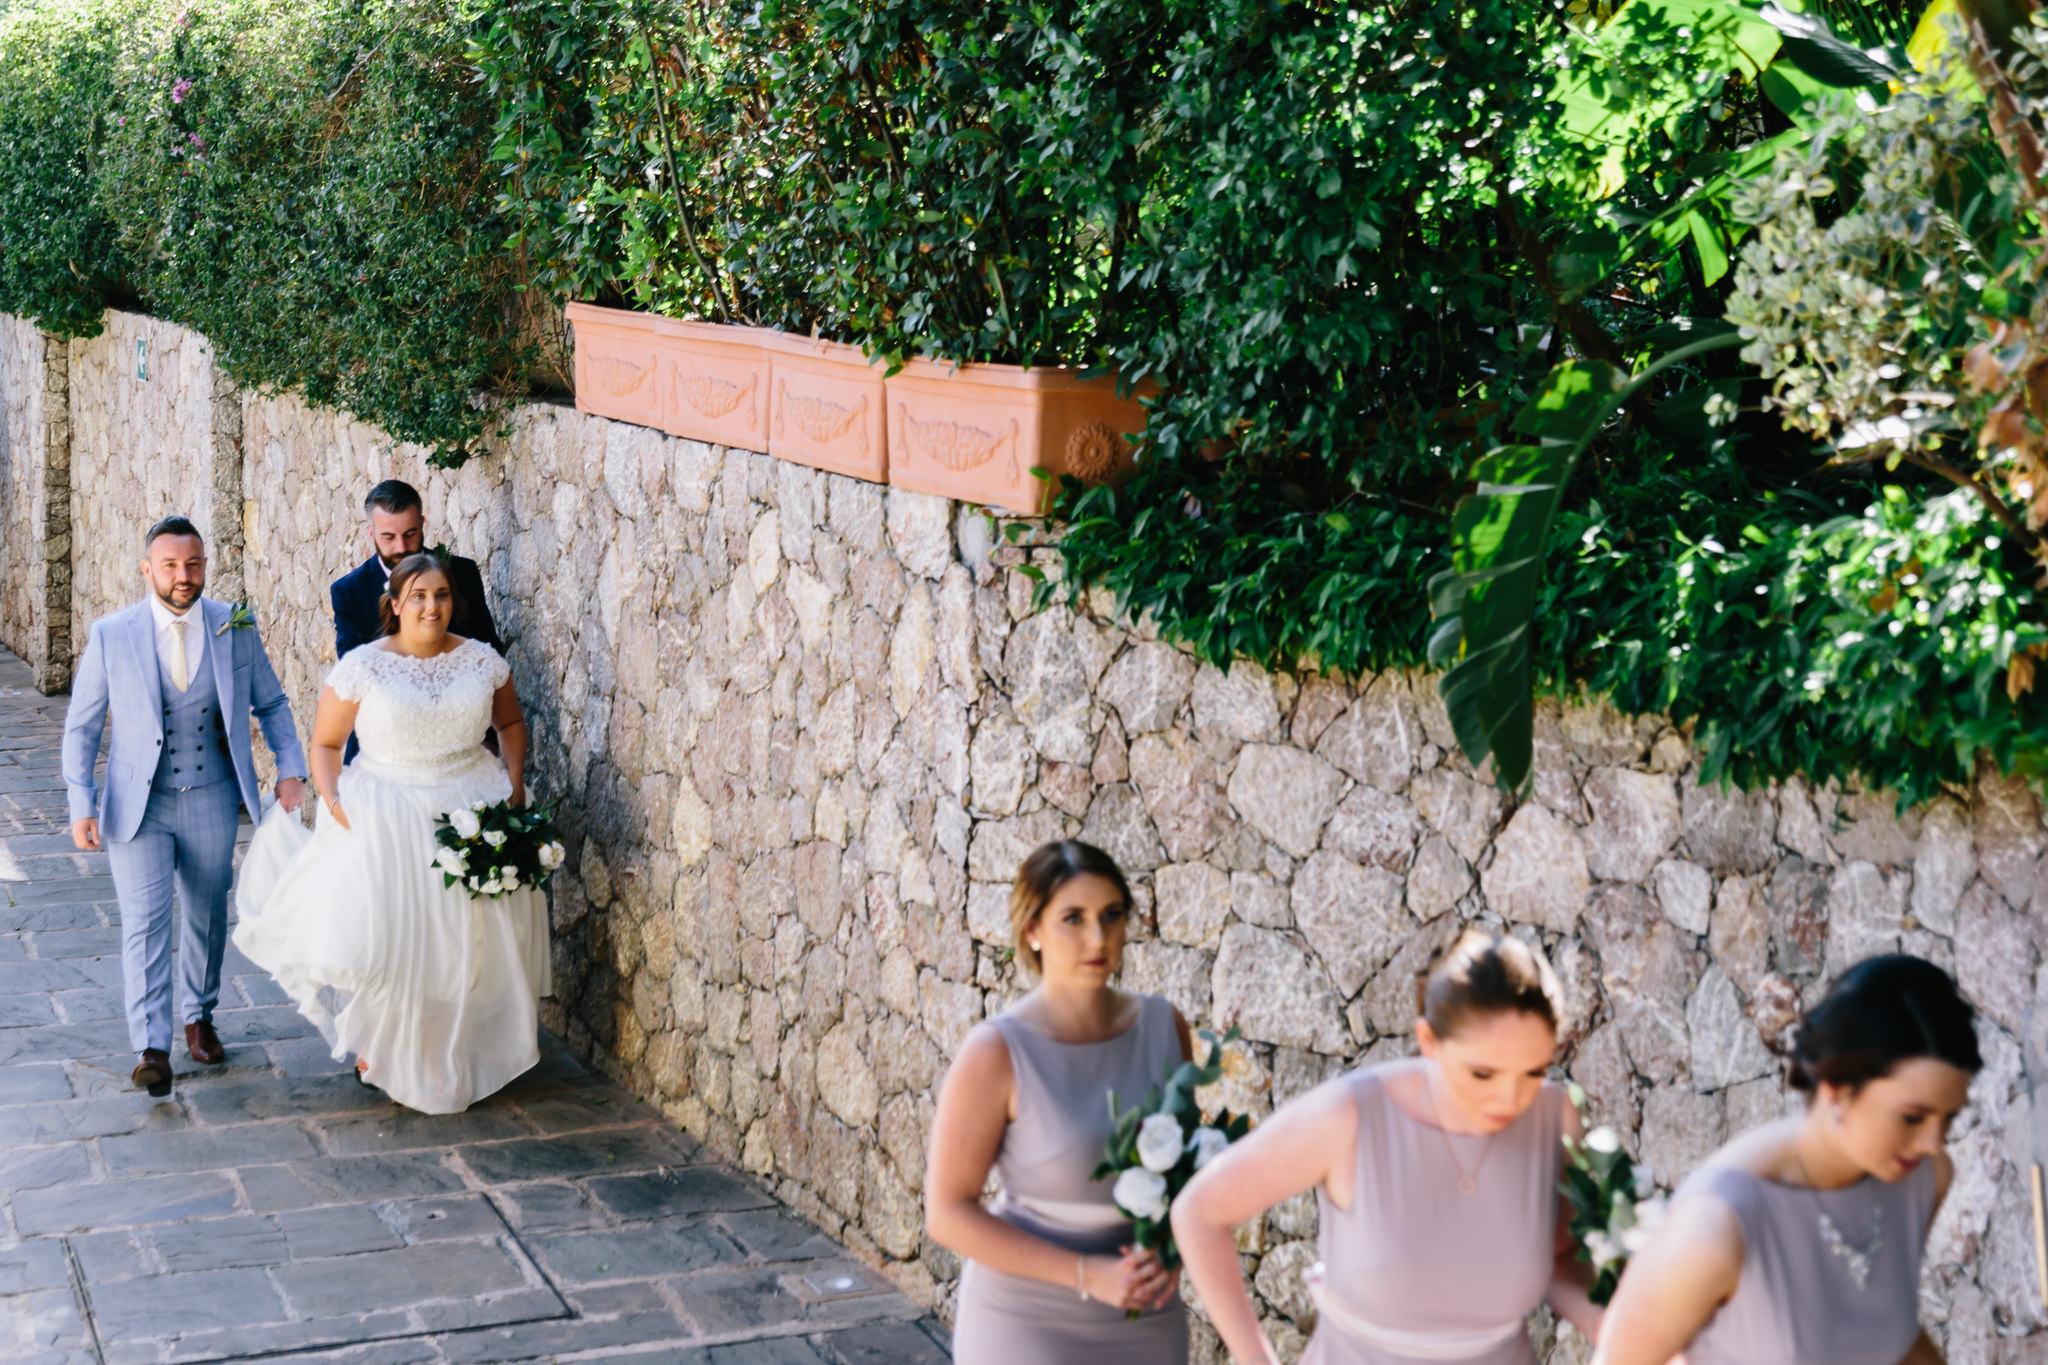 035-2019-04-27-Wedding-Michelle-e-Callum-5DE-440